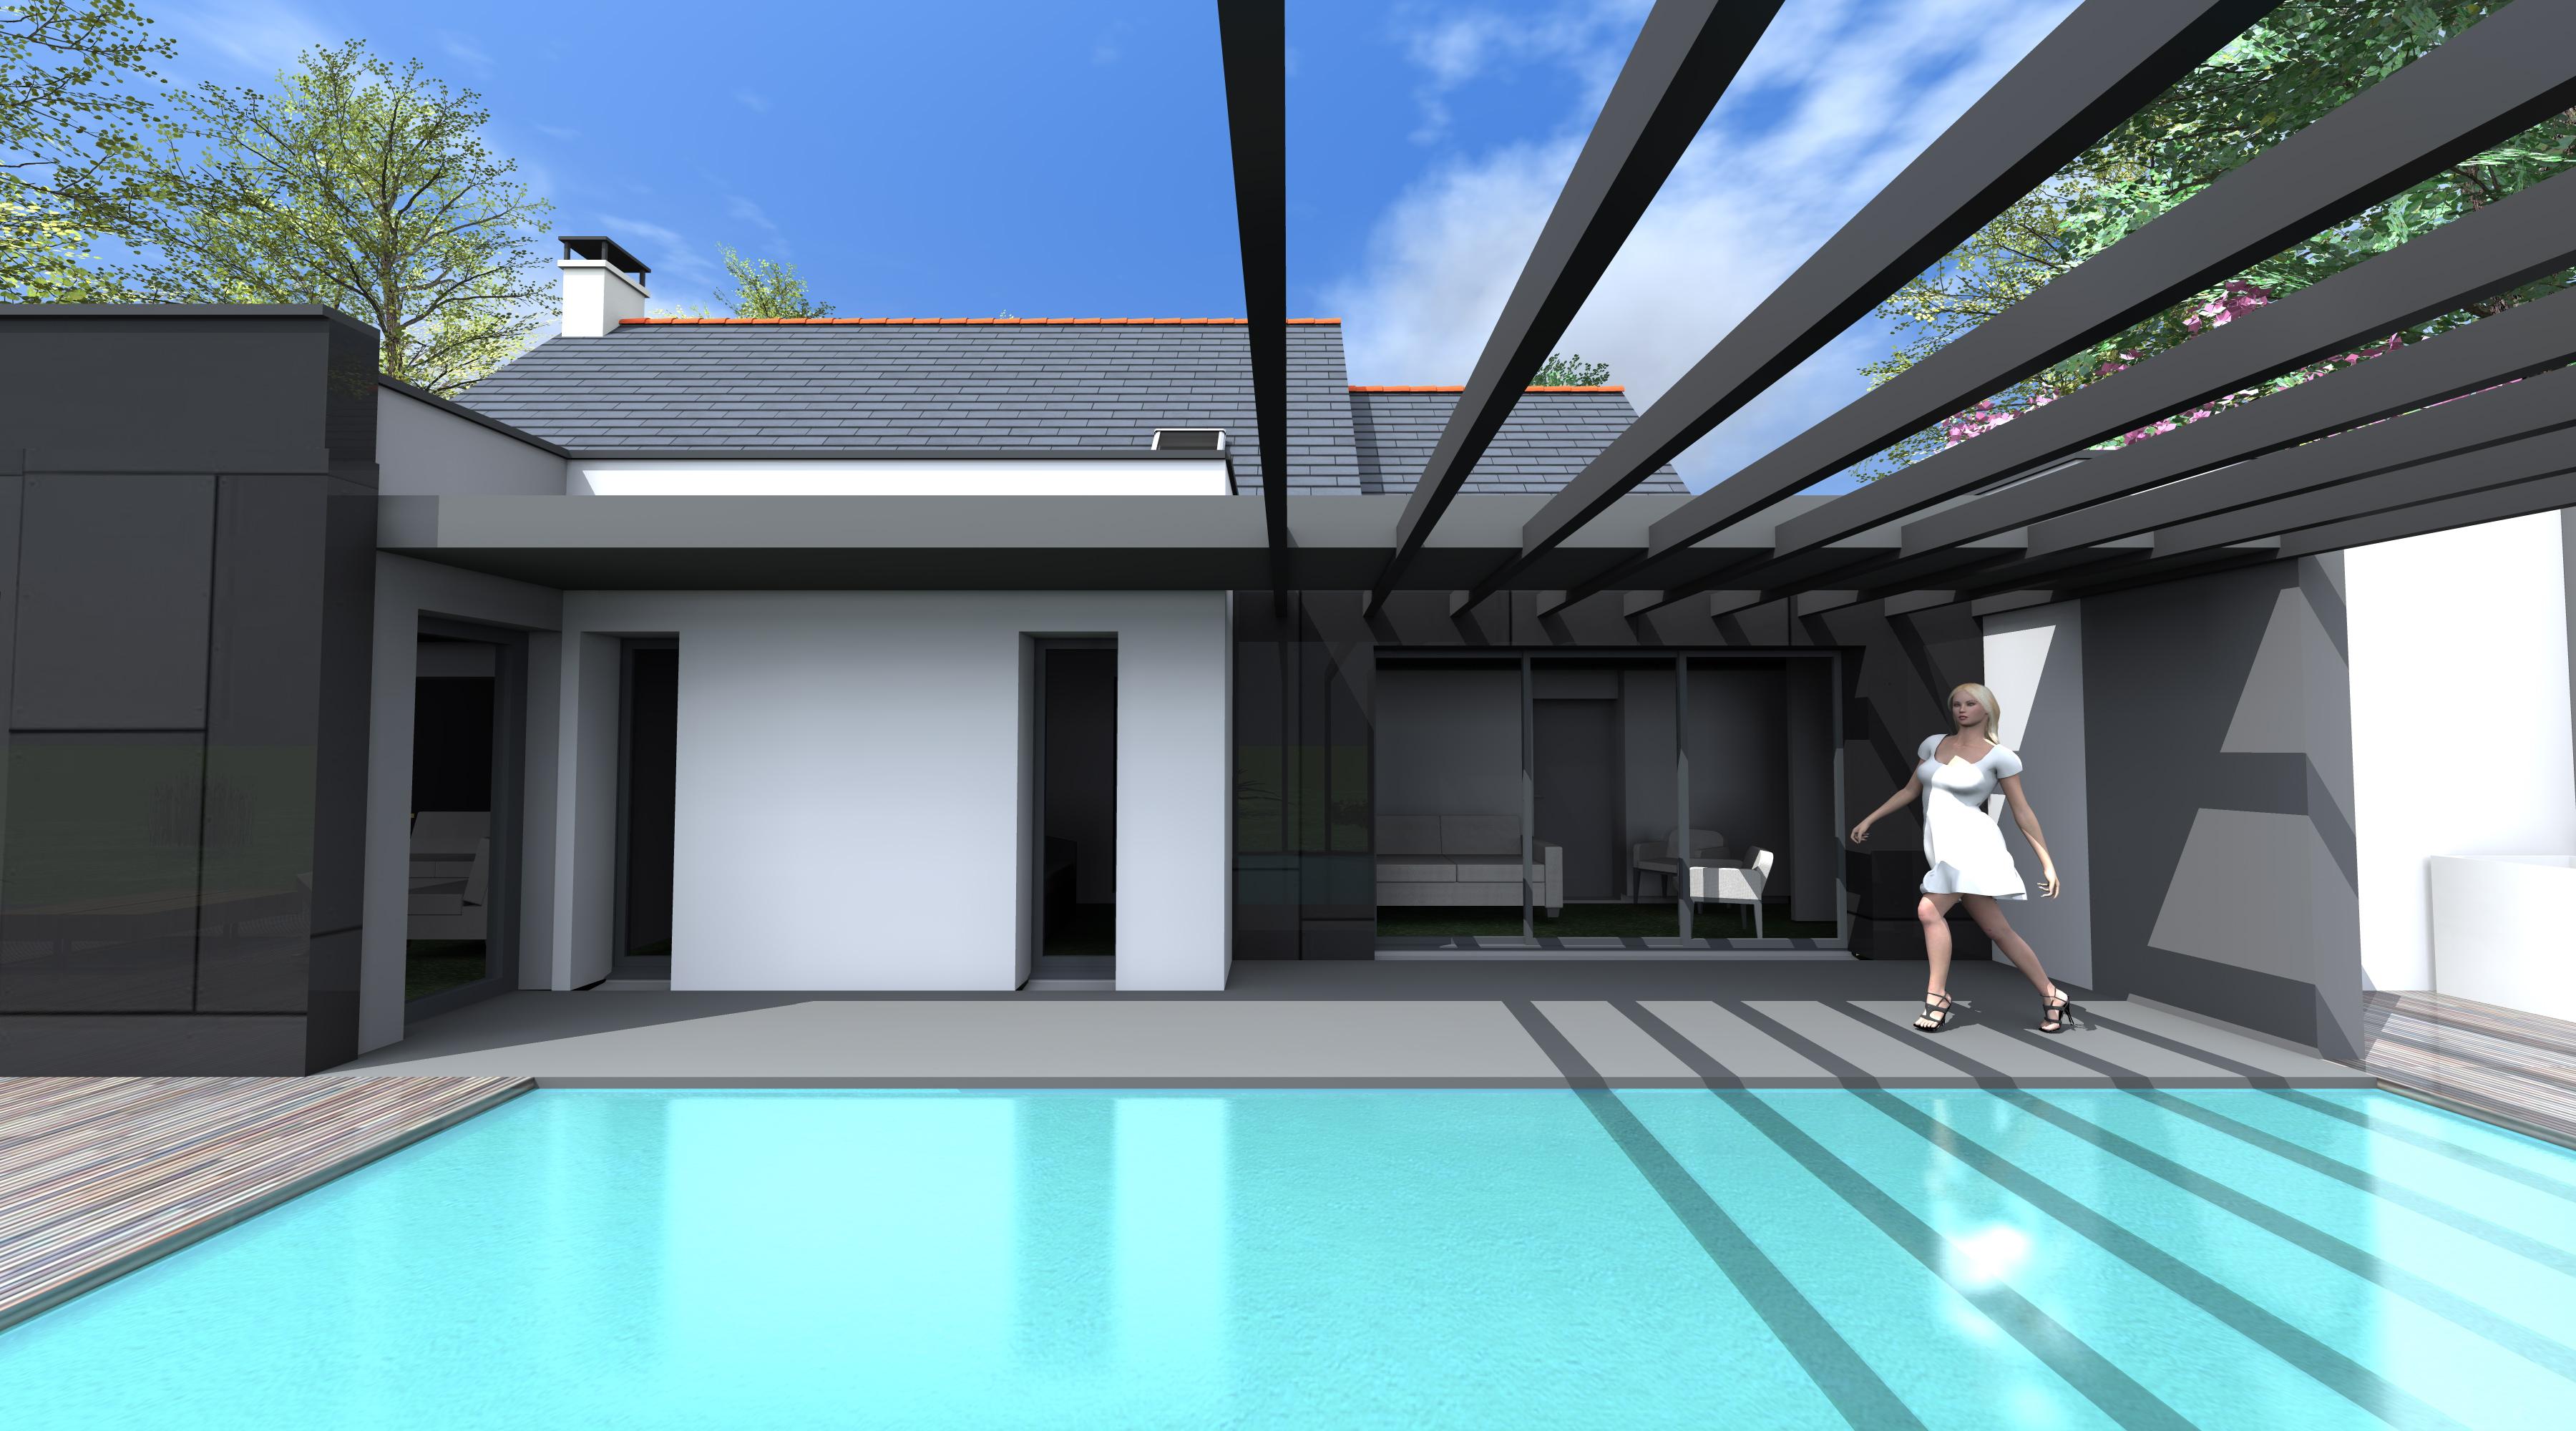 projet k k 1 2 vue architecte lise roturier rennes 35000. Black Bedroom Furniture Sets. Home Design Ideas